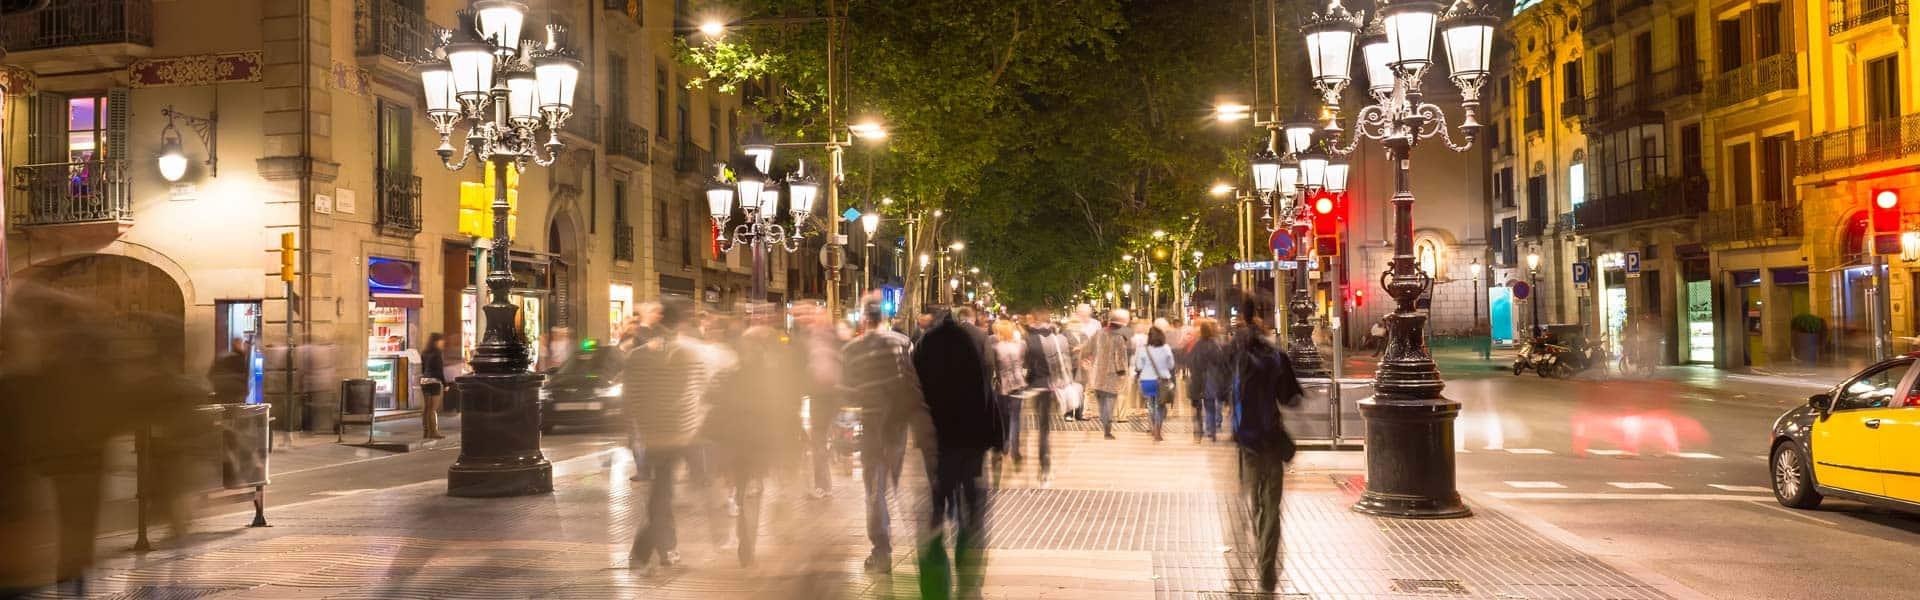 Shoppen und staunen: die Las Ramblas in Barcelona